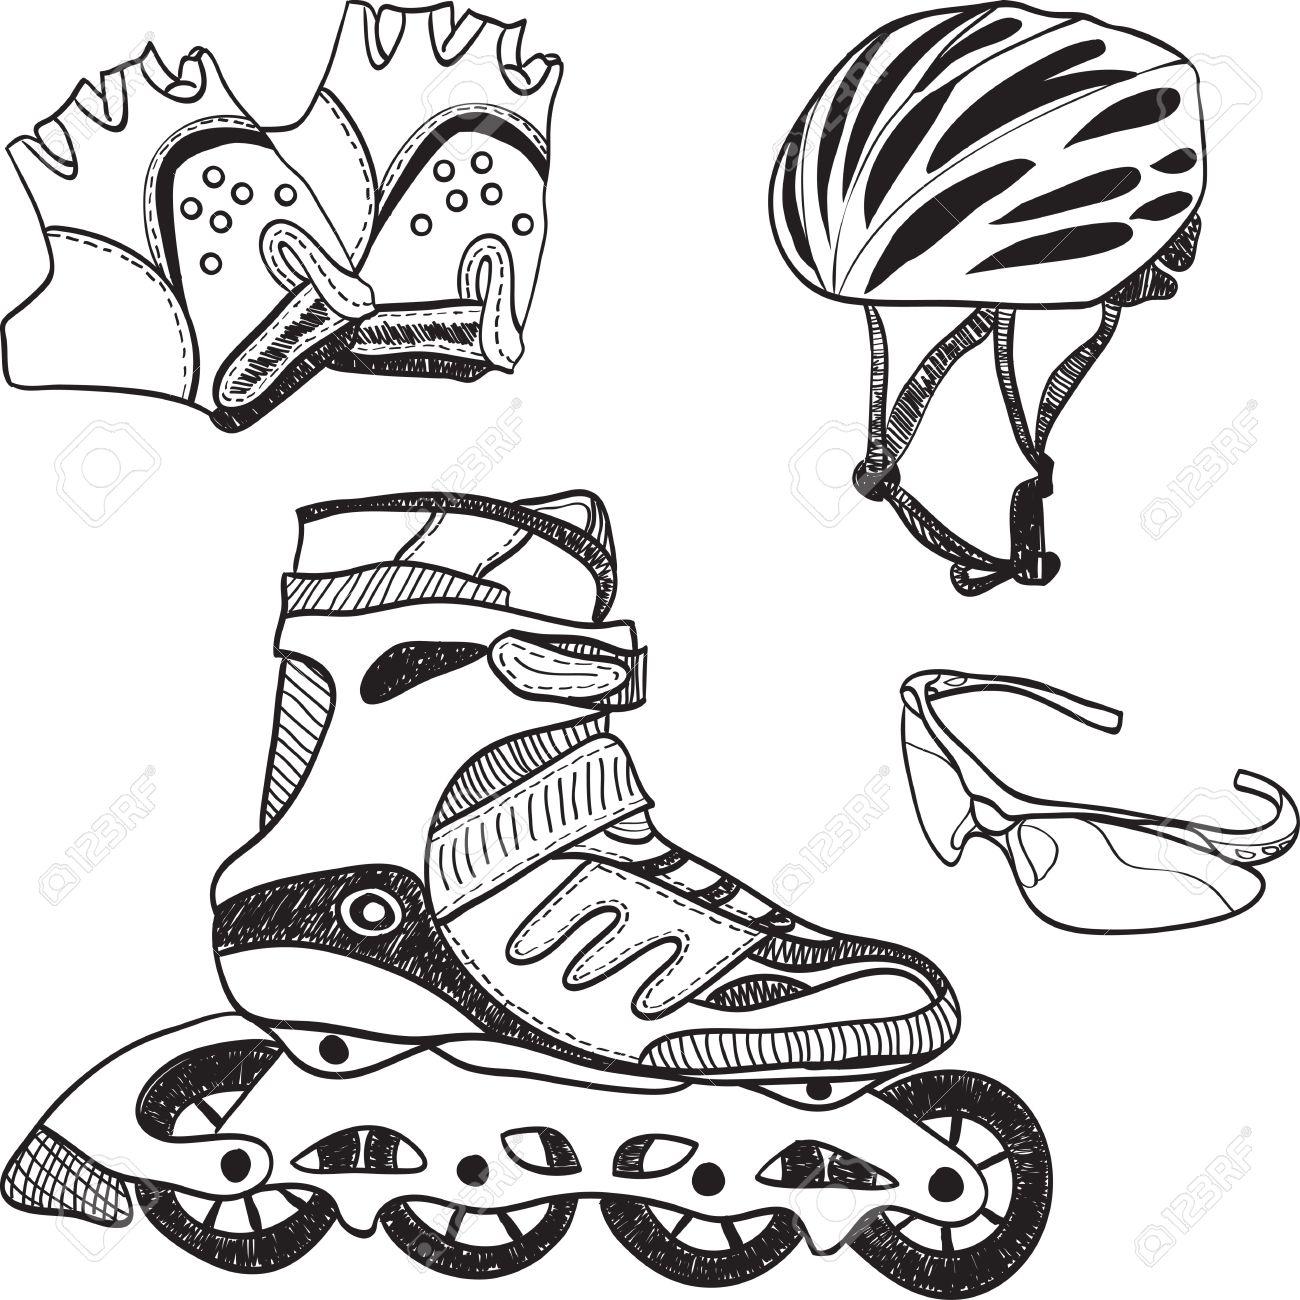 Roller skates book - Illustration Of Roller Skating Equipment Roller Skates Gloves Helmet Glasses Stock Vector